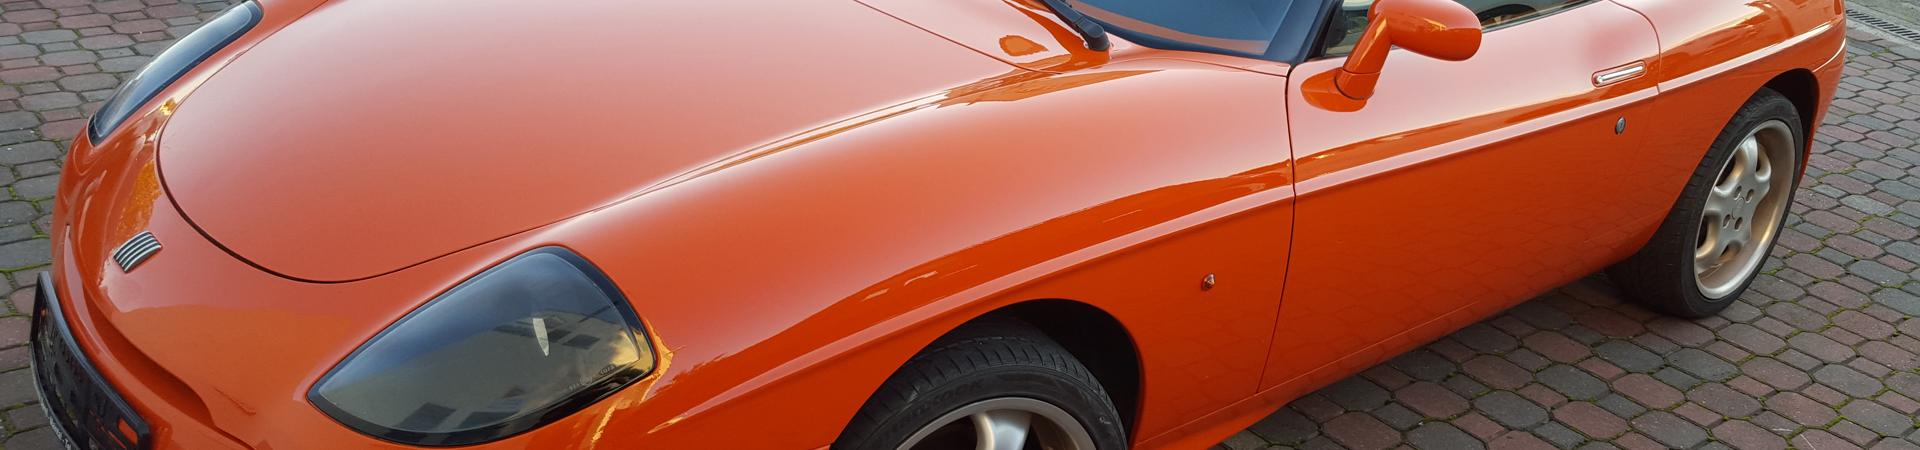 Komplettlackierungen einschließlich notwendiger Montagearbeiten für sämtliche zu beschichtenden Innen - und Außenflächen an Fahrzeugen aller Art.